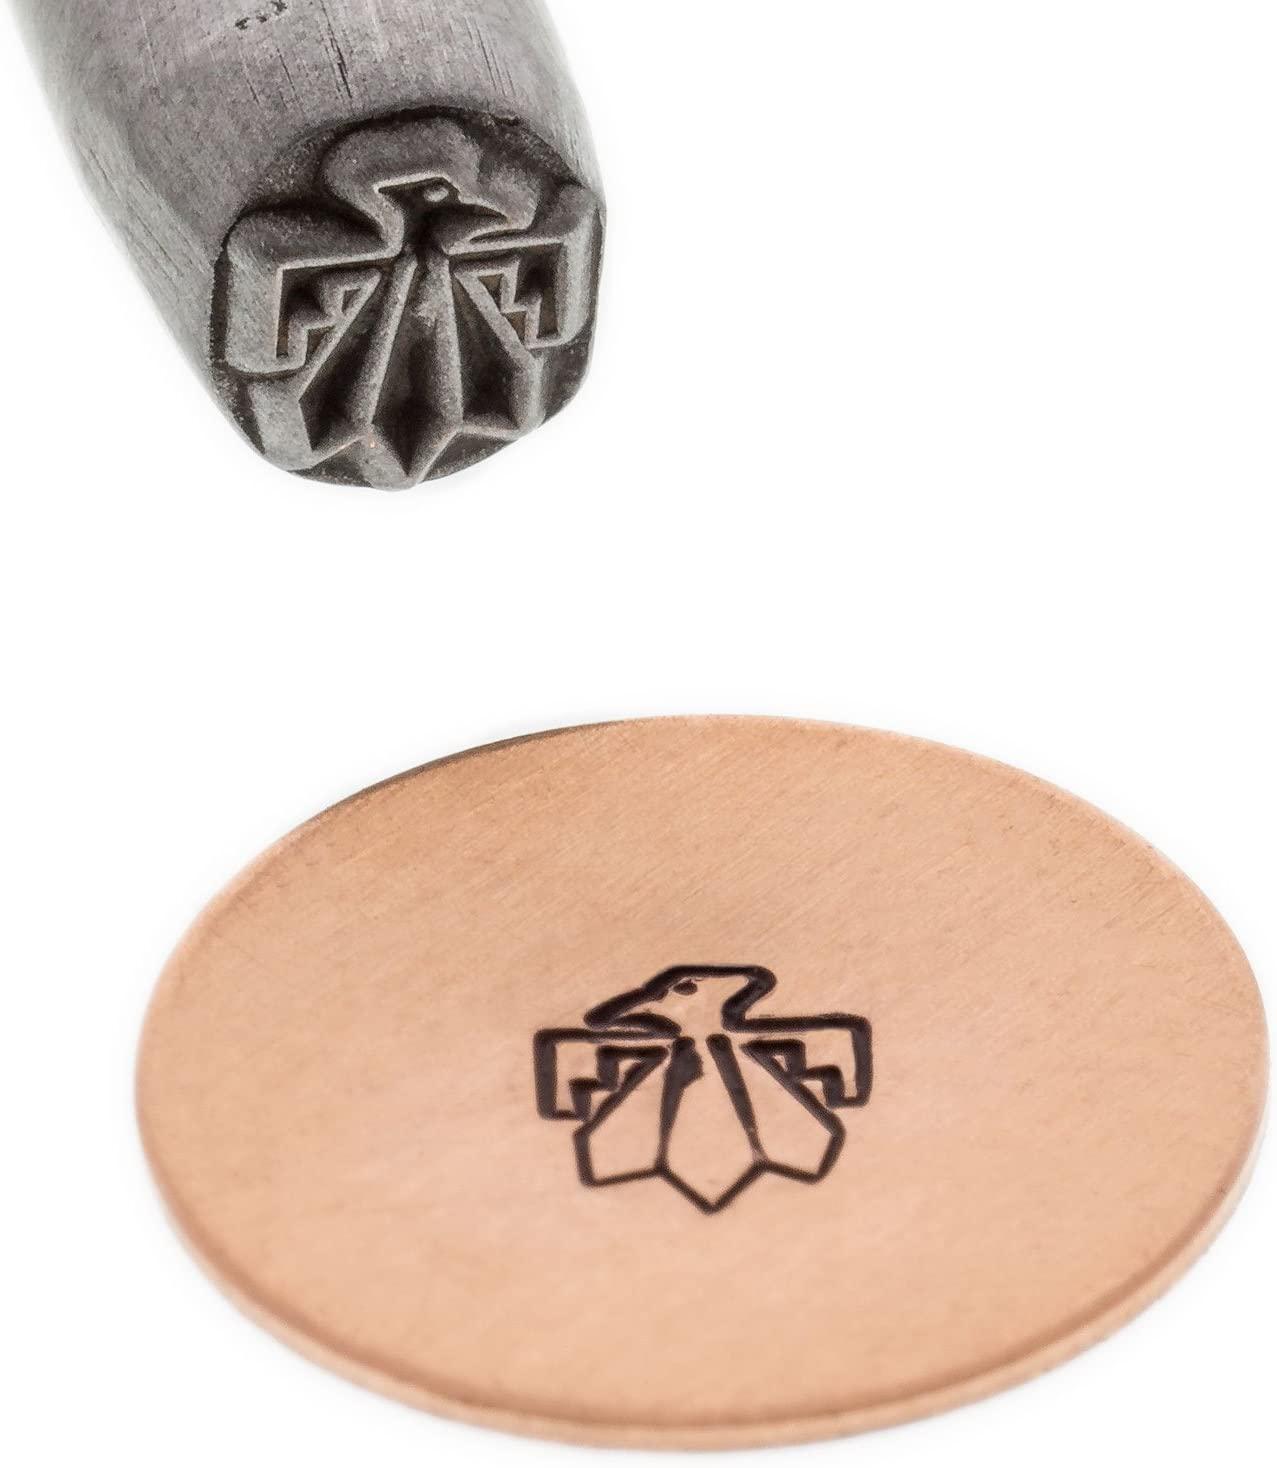 Design Stamp, Indian Stamp 3 | PUN-101.18